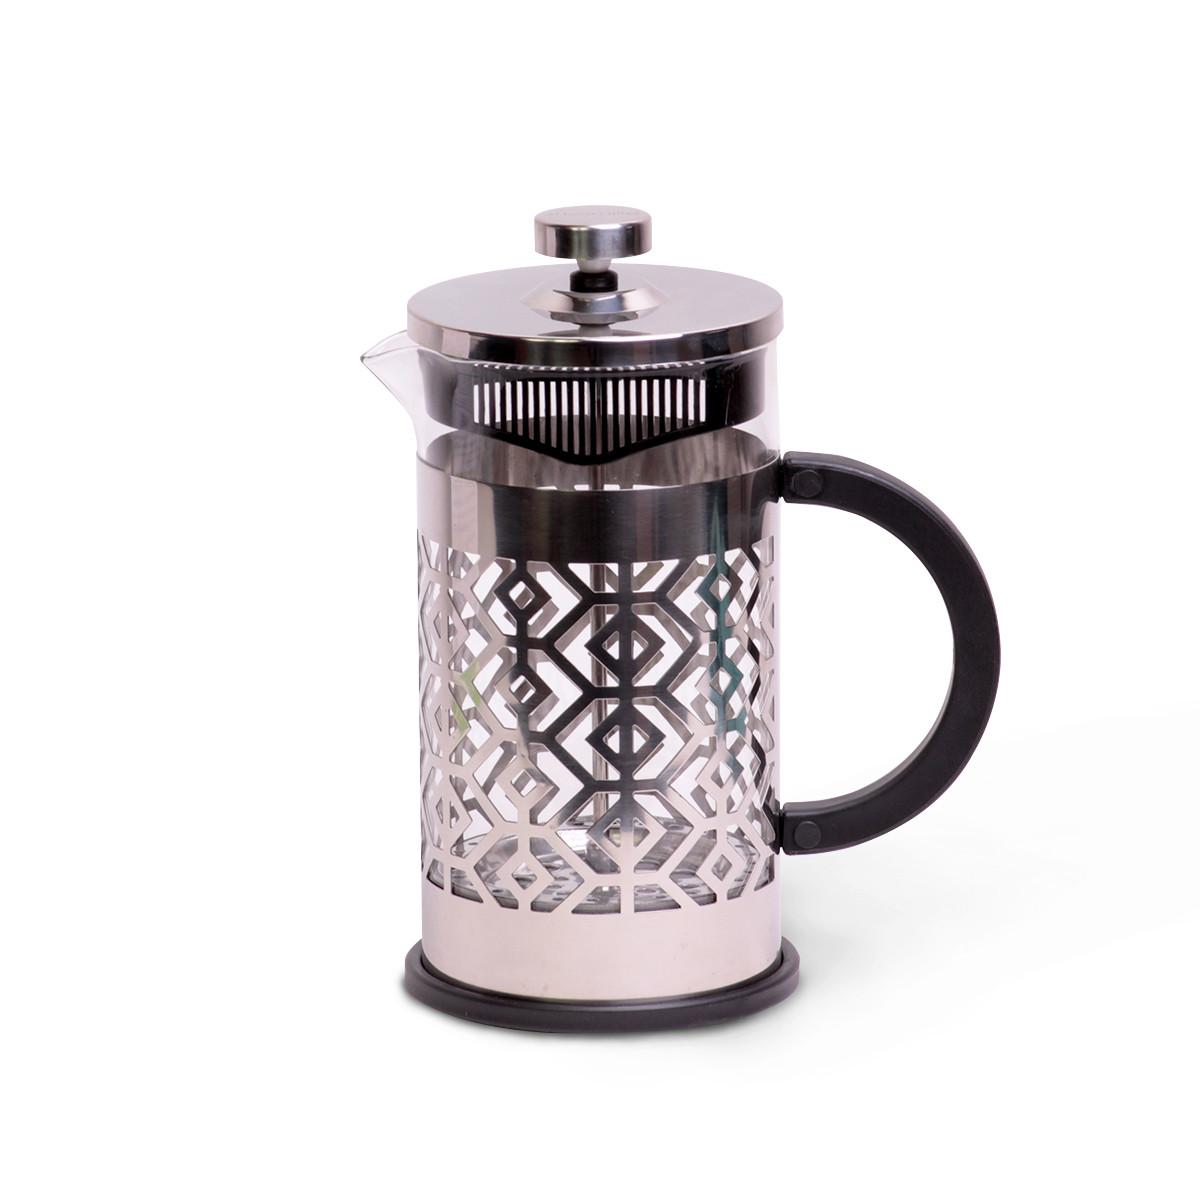 Красивый Френч-пресс Kamille 1000 мл стеклянный заварник для чая и кофе